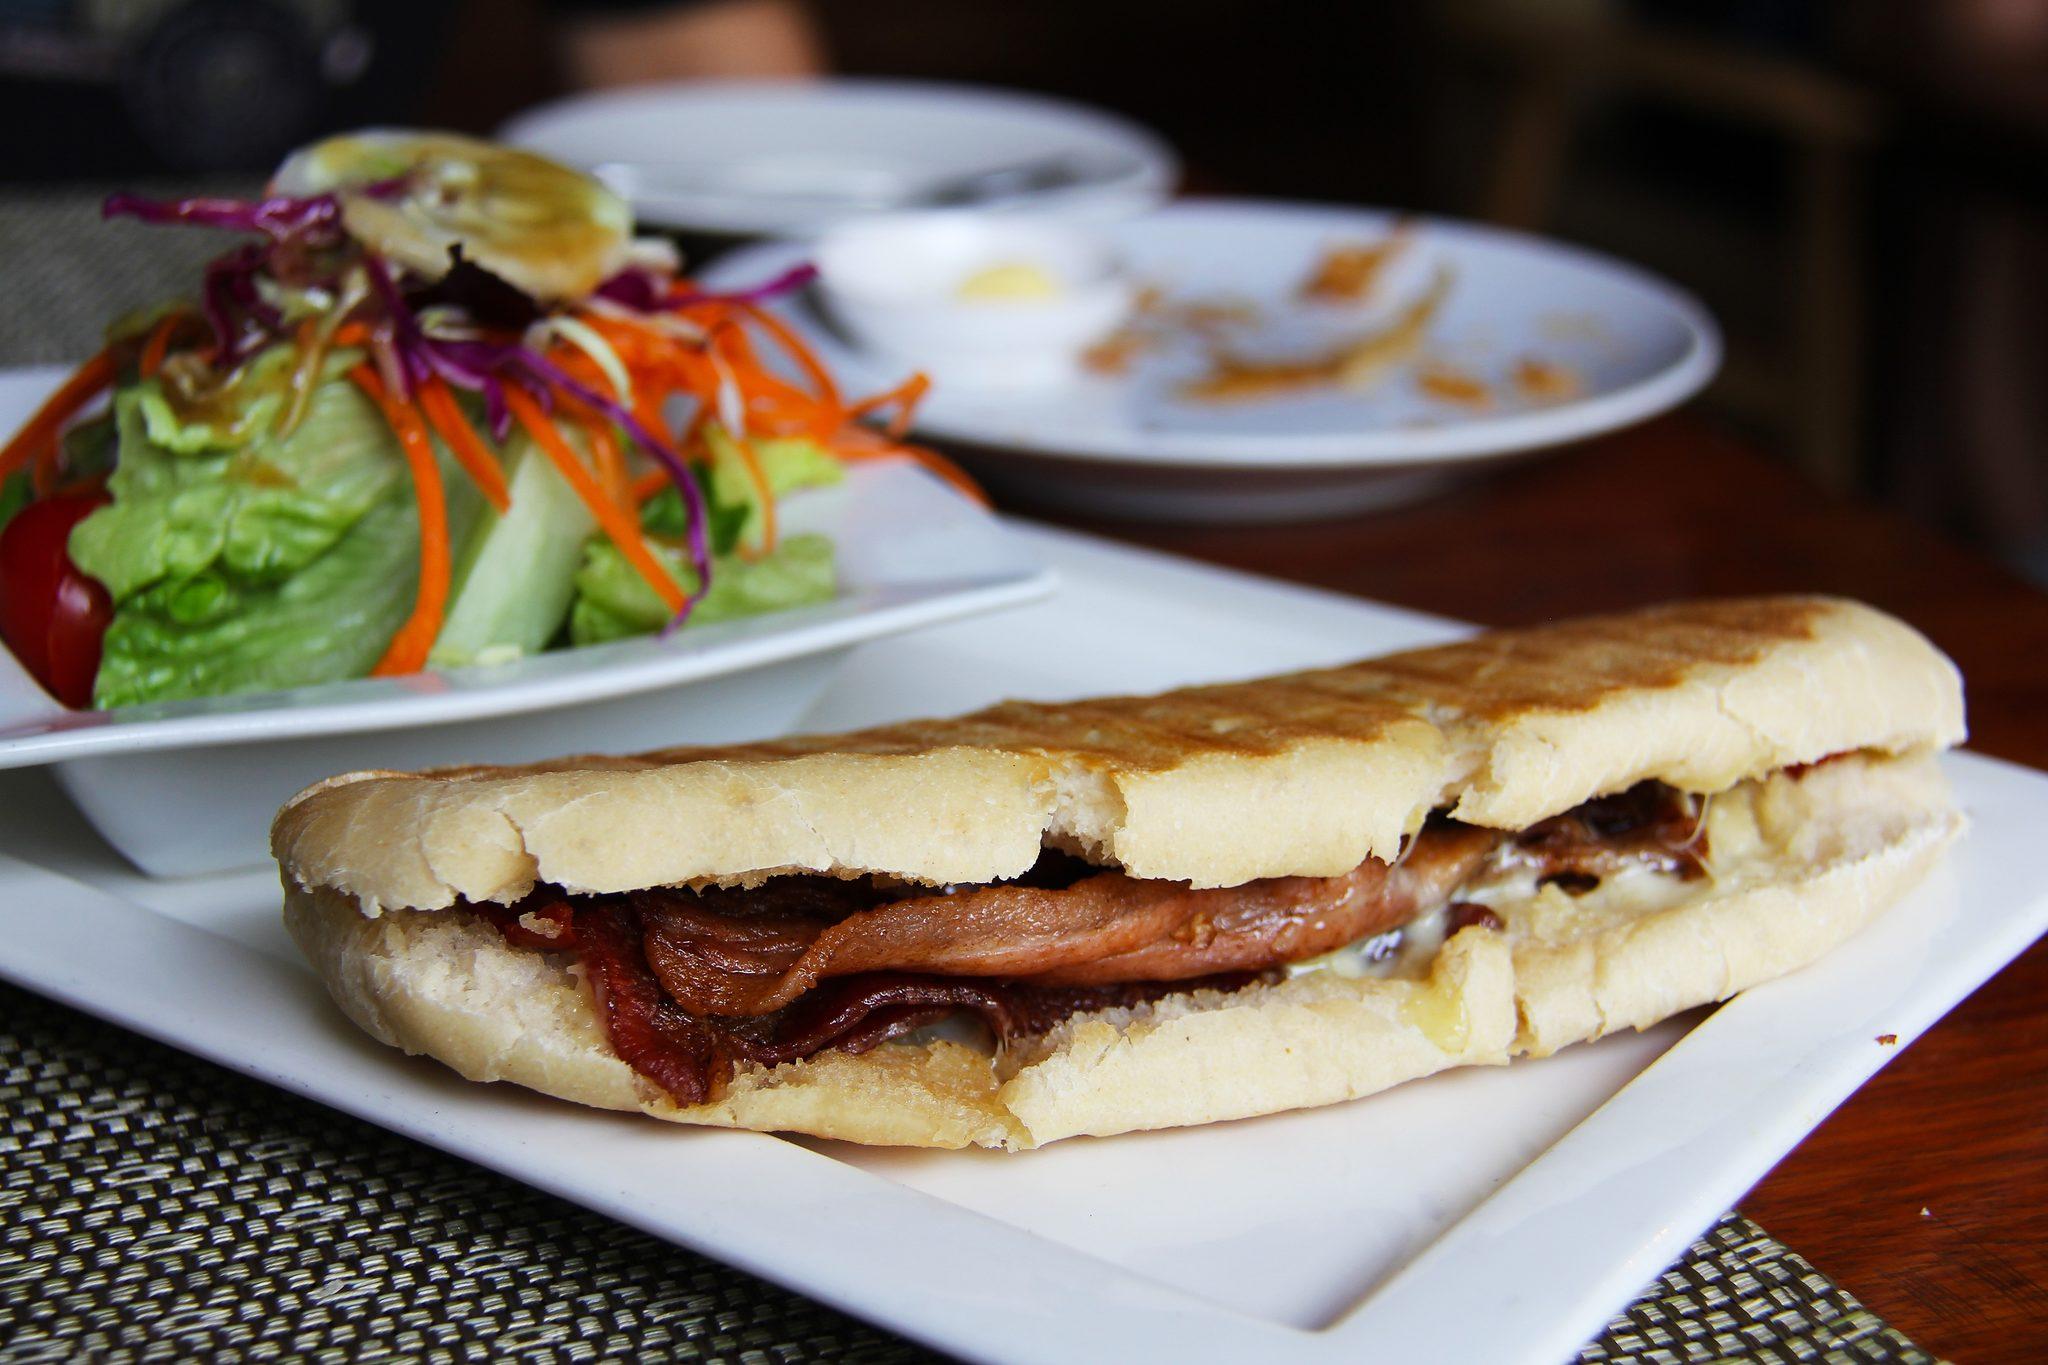 Paniniateria - Syötteen luontokeskuksesta maittava Mr. Panini - ateria mukaan! Ateria sisältää valitsemasi paninin, vihersalaatin, ja juomaksi 0,5 litran limun tai vichyn tai kahvin.